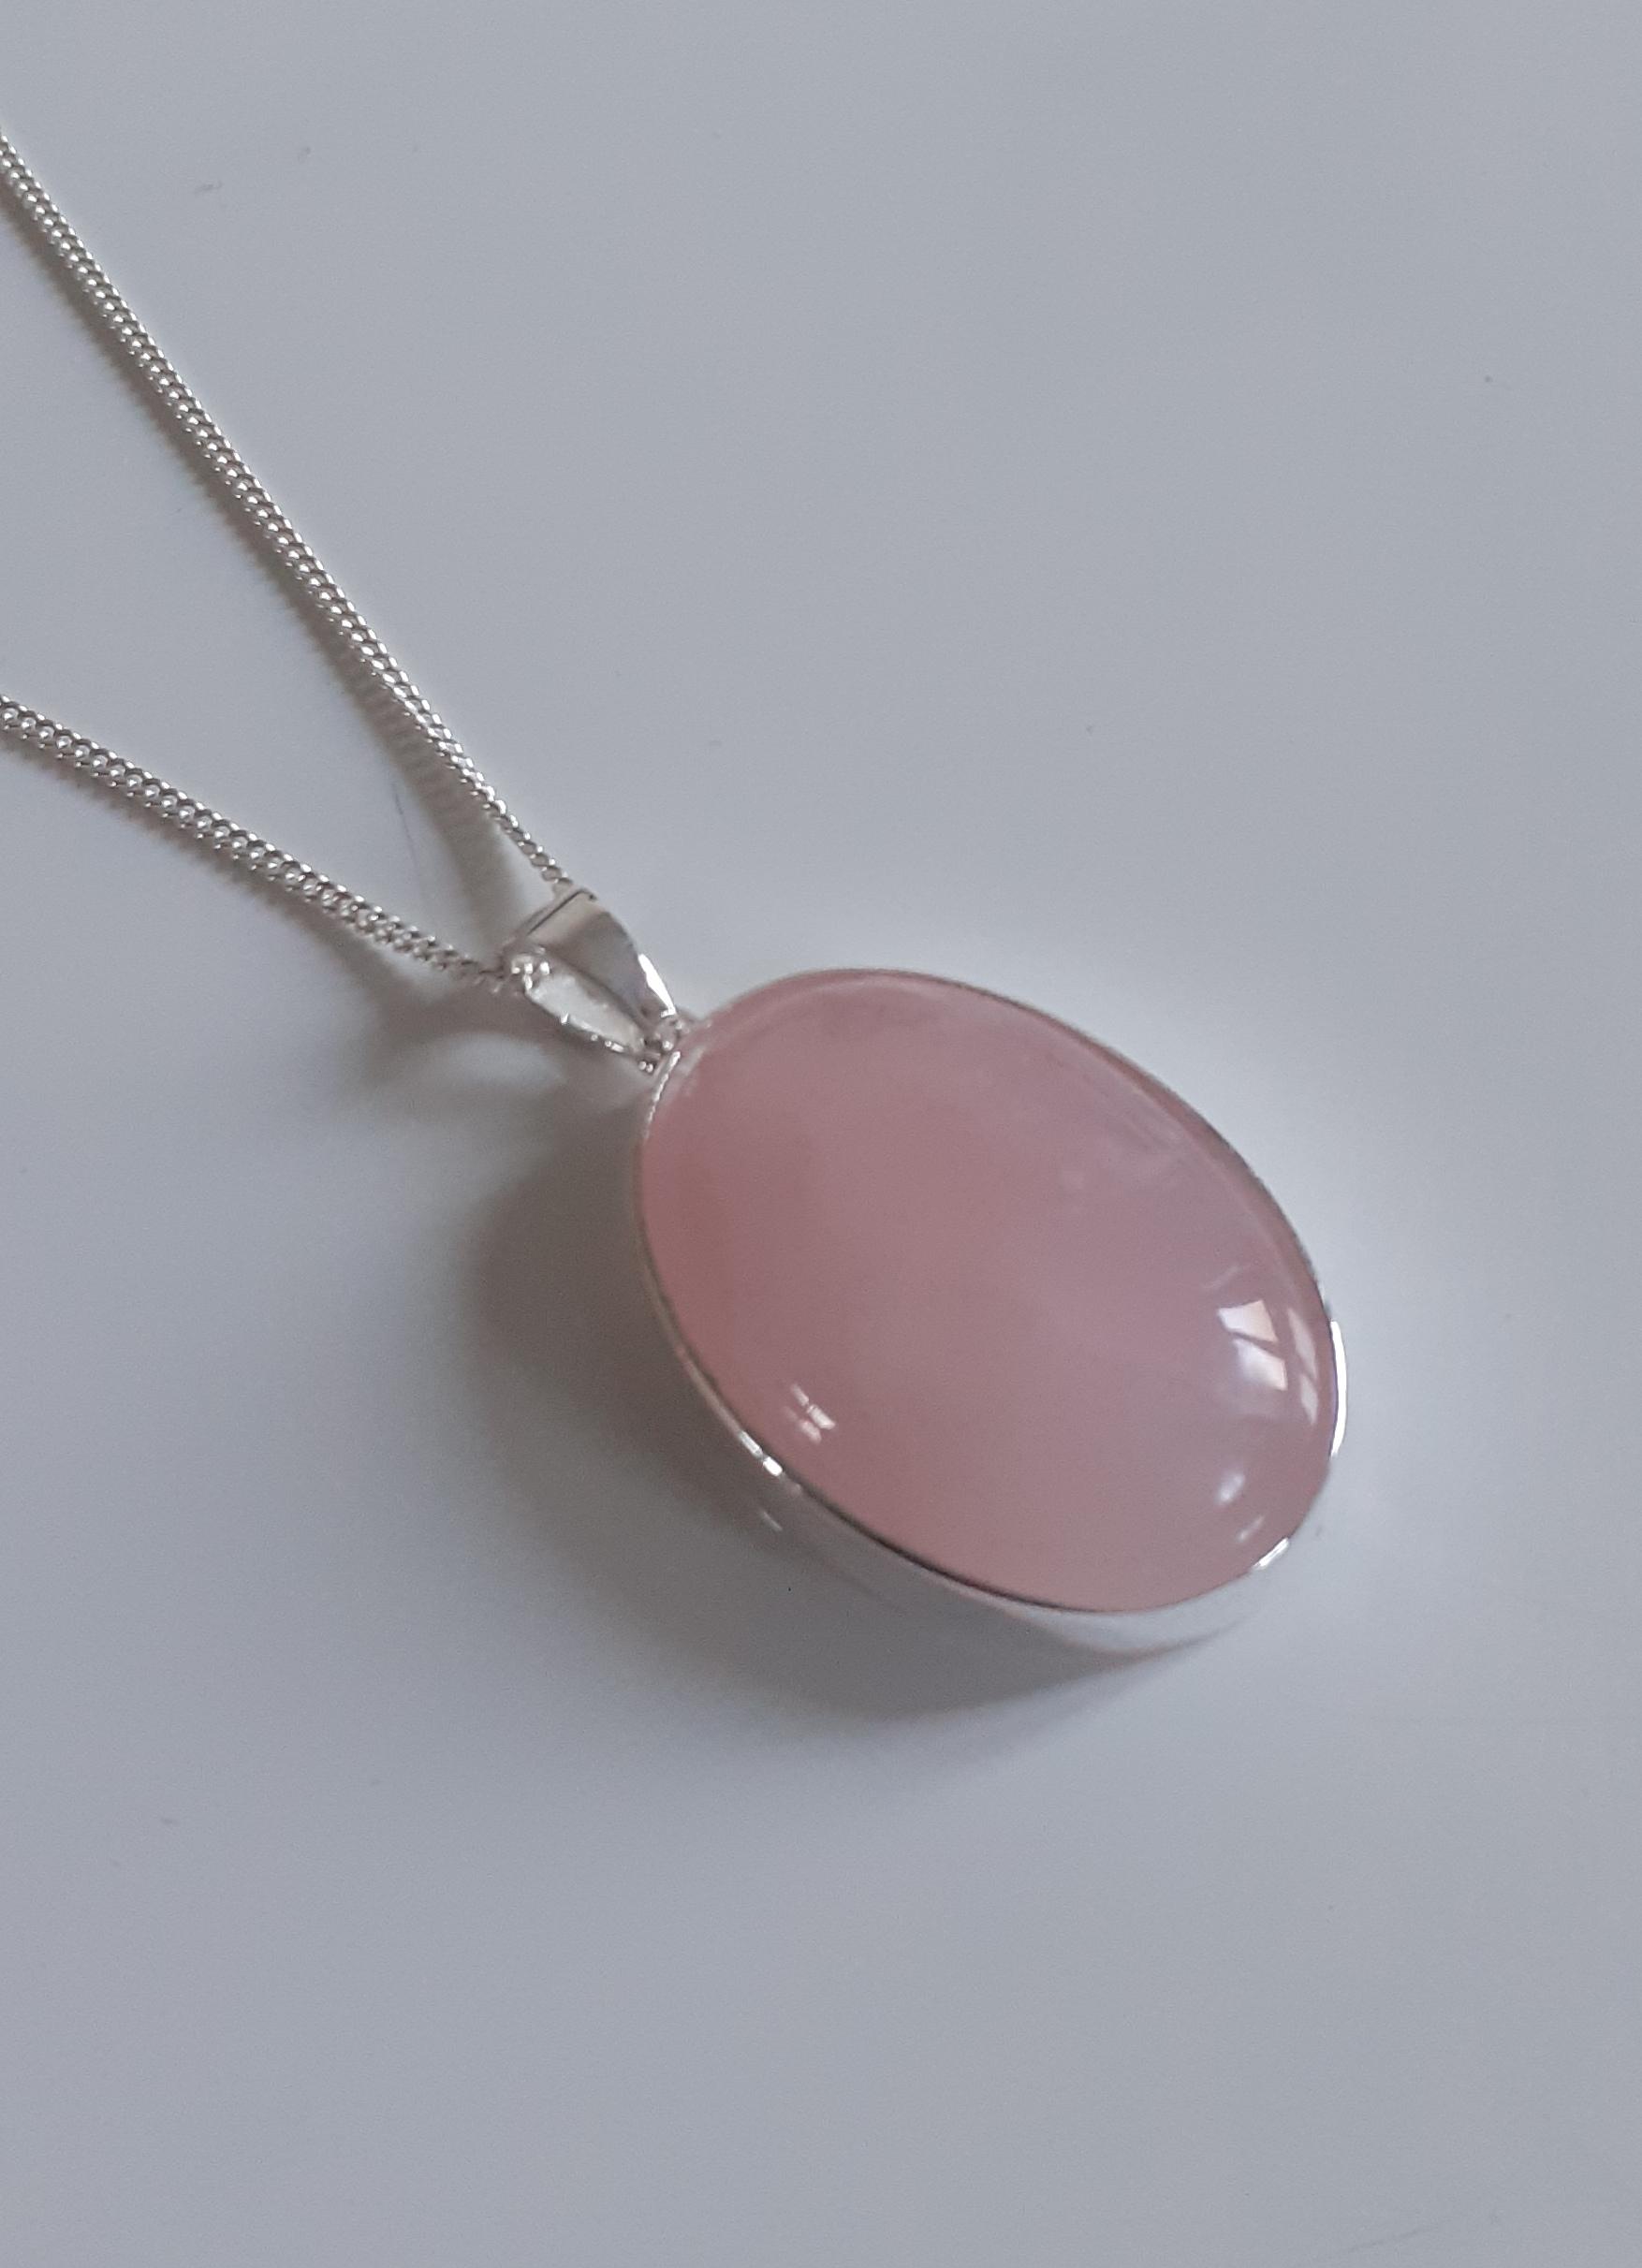 Beautiful rose quartz